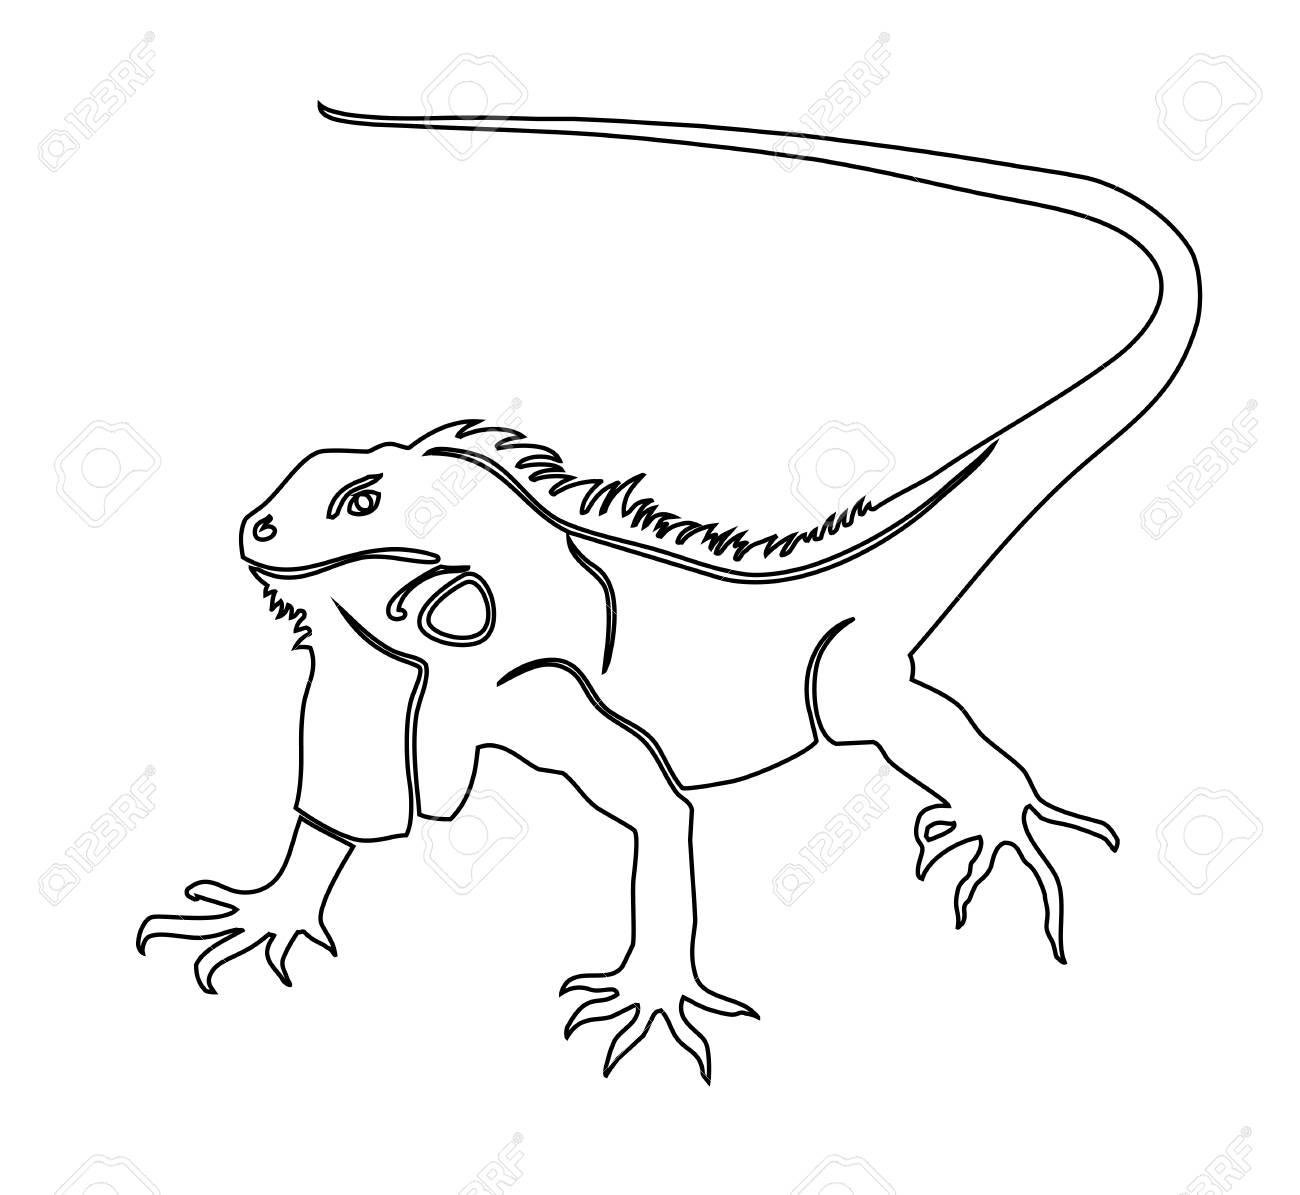 Iguana Ilustración Vectorial Para Colorear El Libro Ilustraciones ...